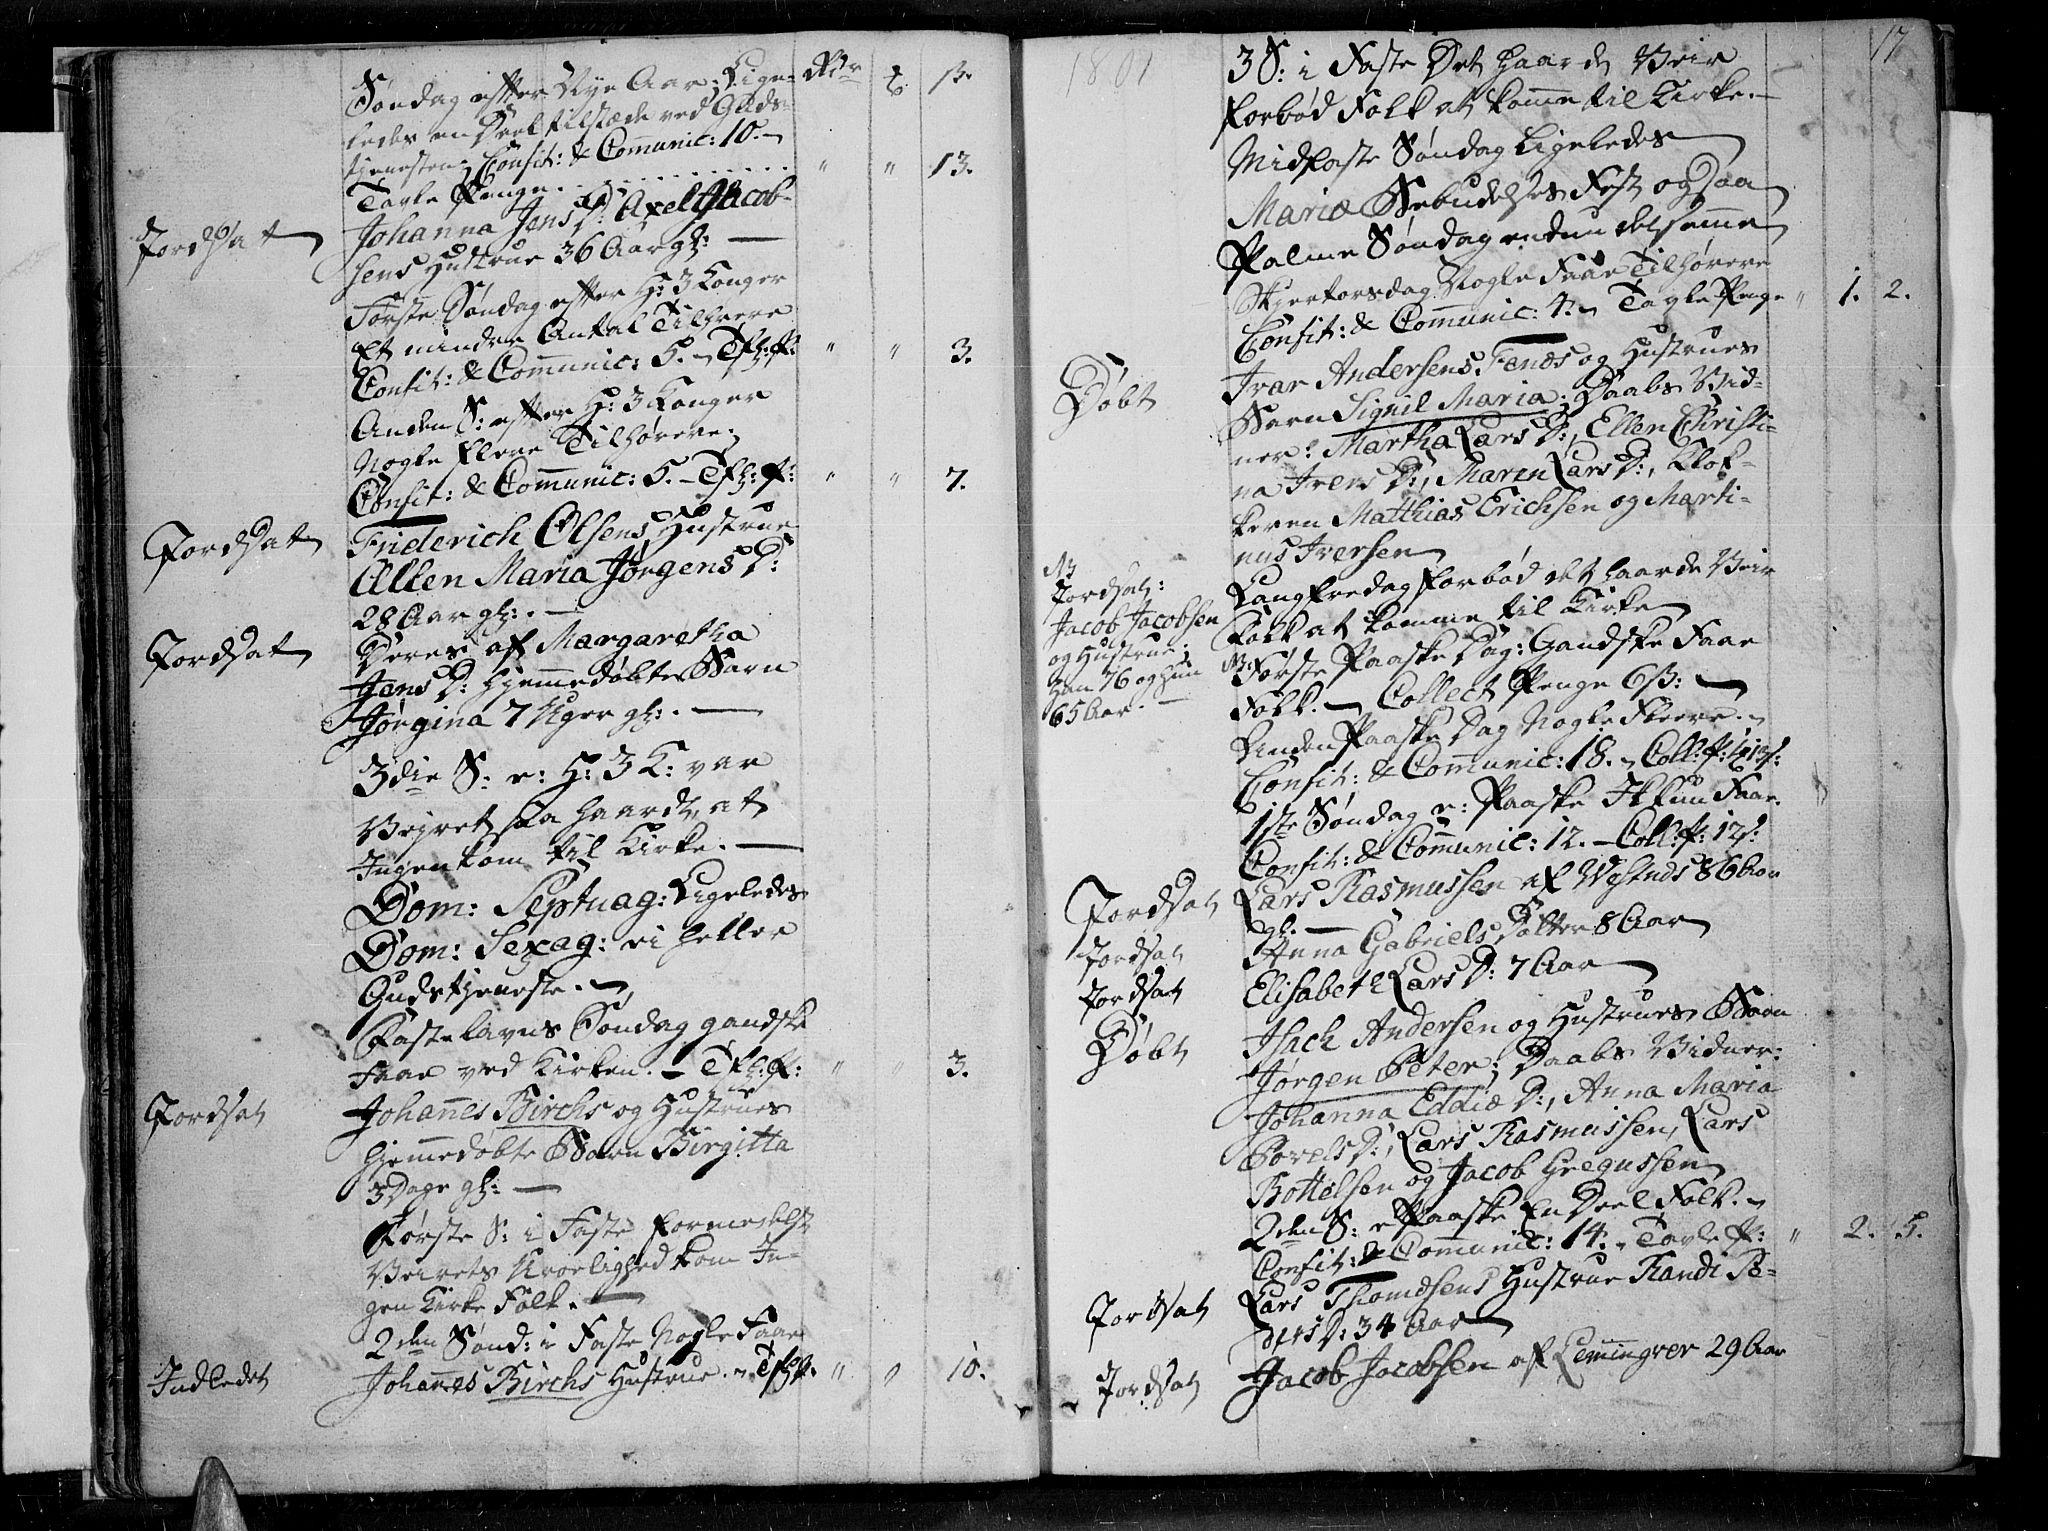 SATØ, Trondenes sokneprestkontor, H/Ha/L0004kirke: Ministerialbok nr. 4, 1797-1820, s. 17